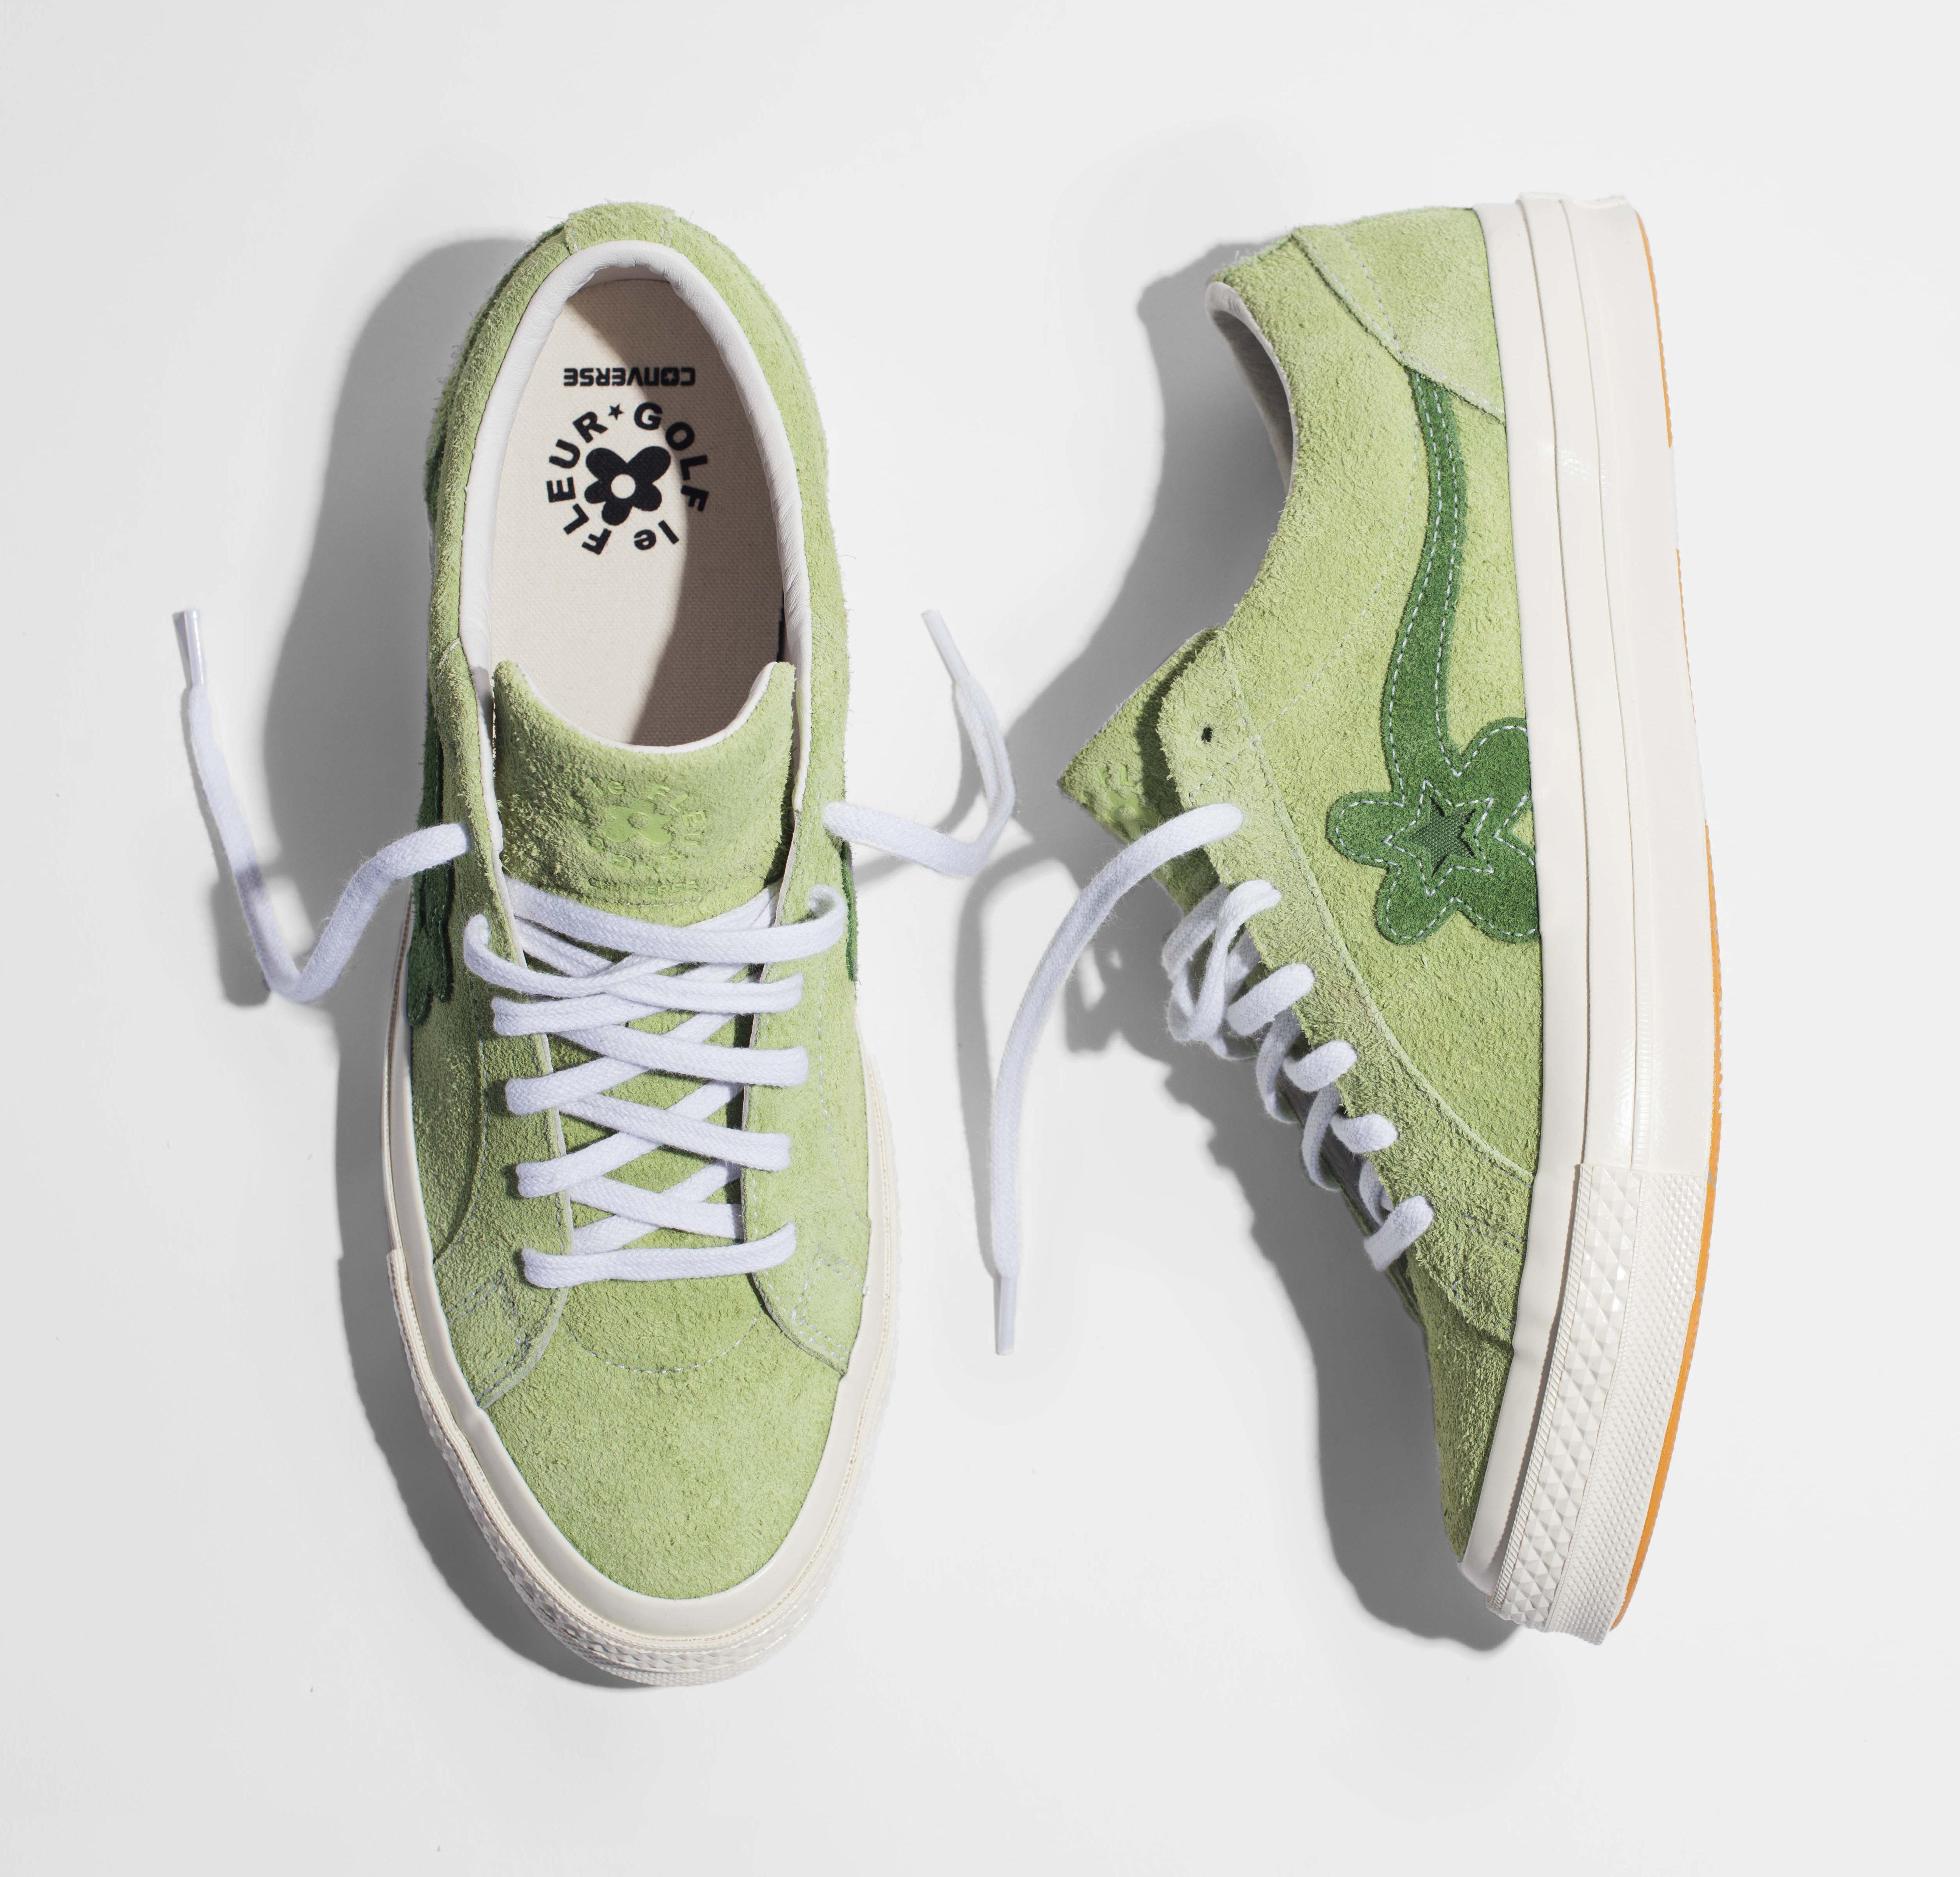 Converse Golf Le Fleur Shoes